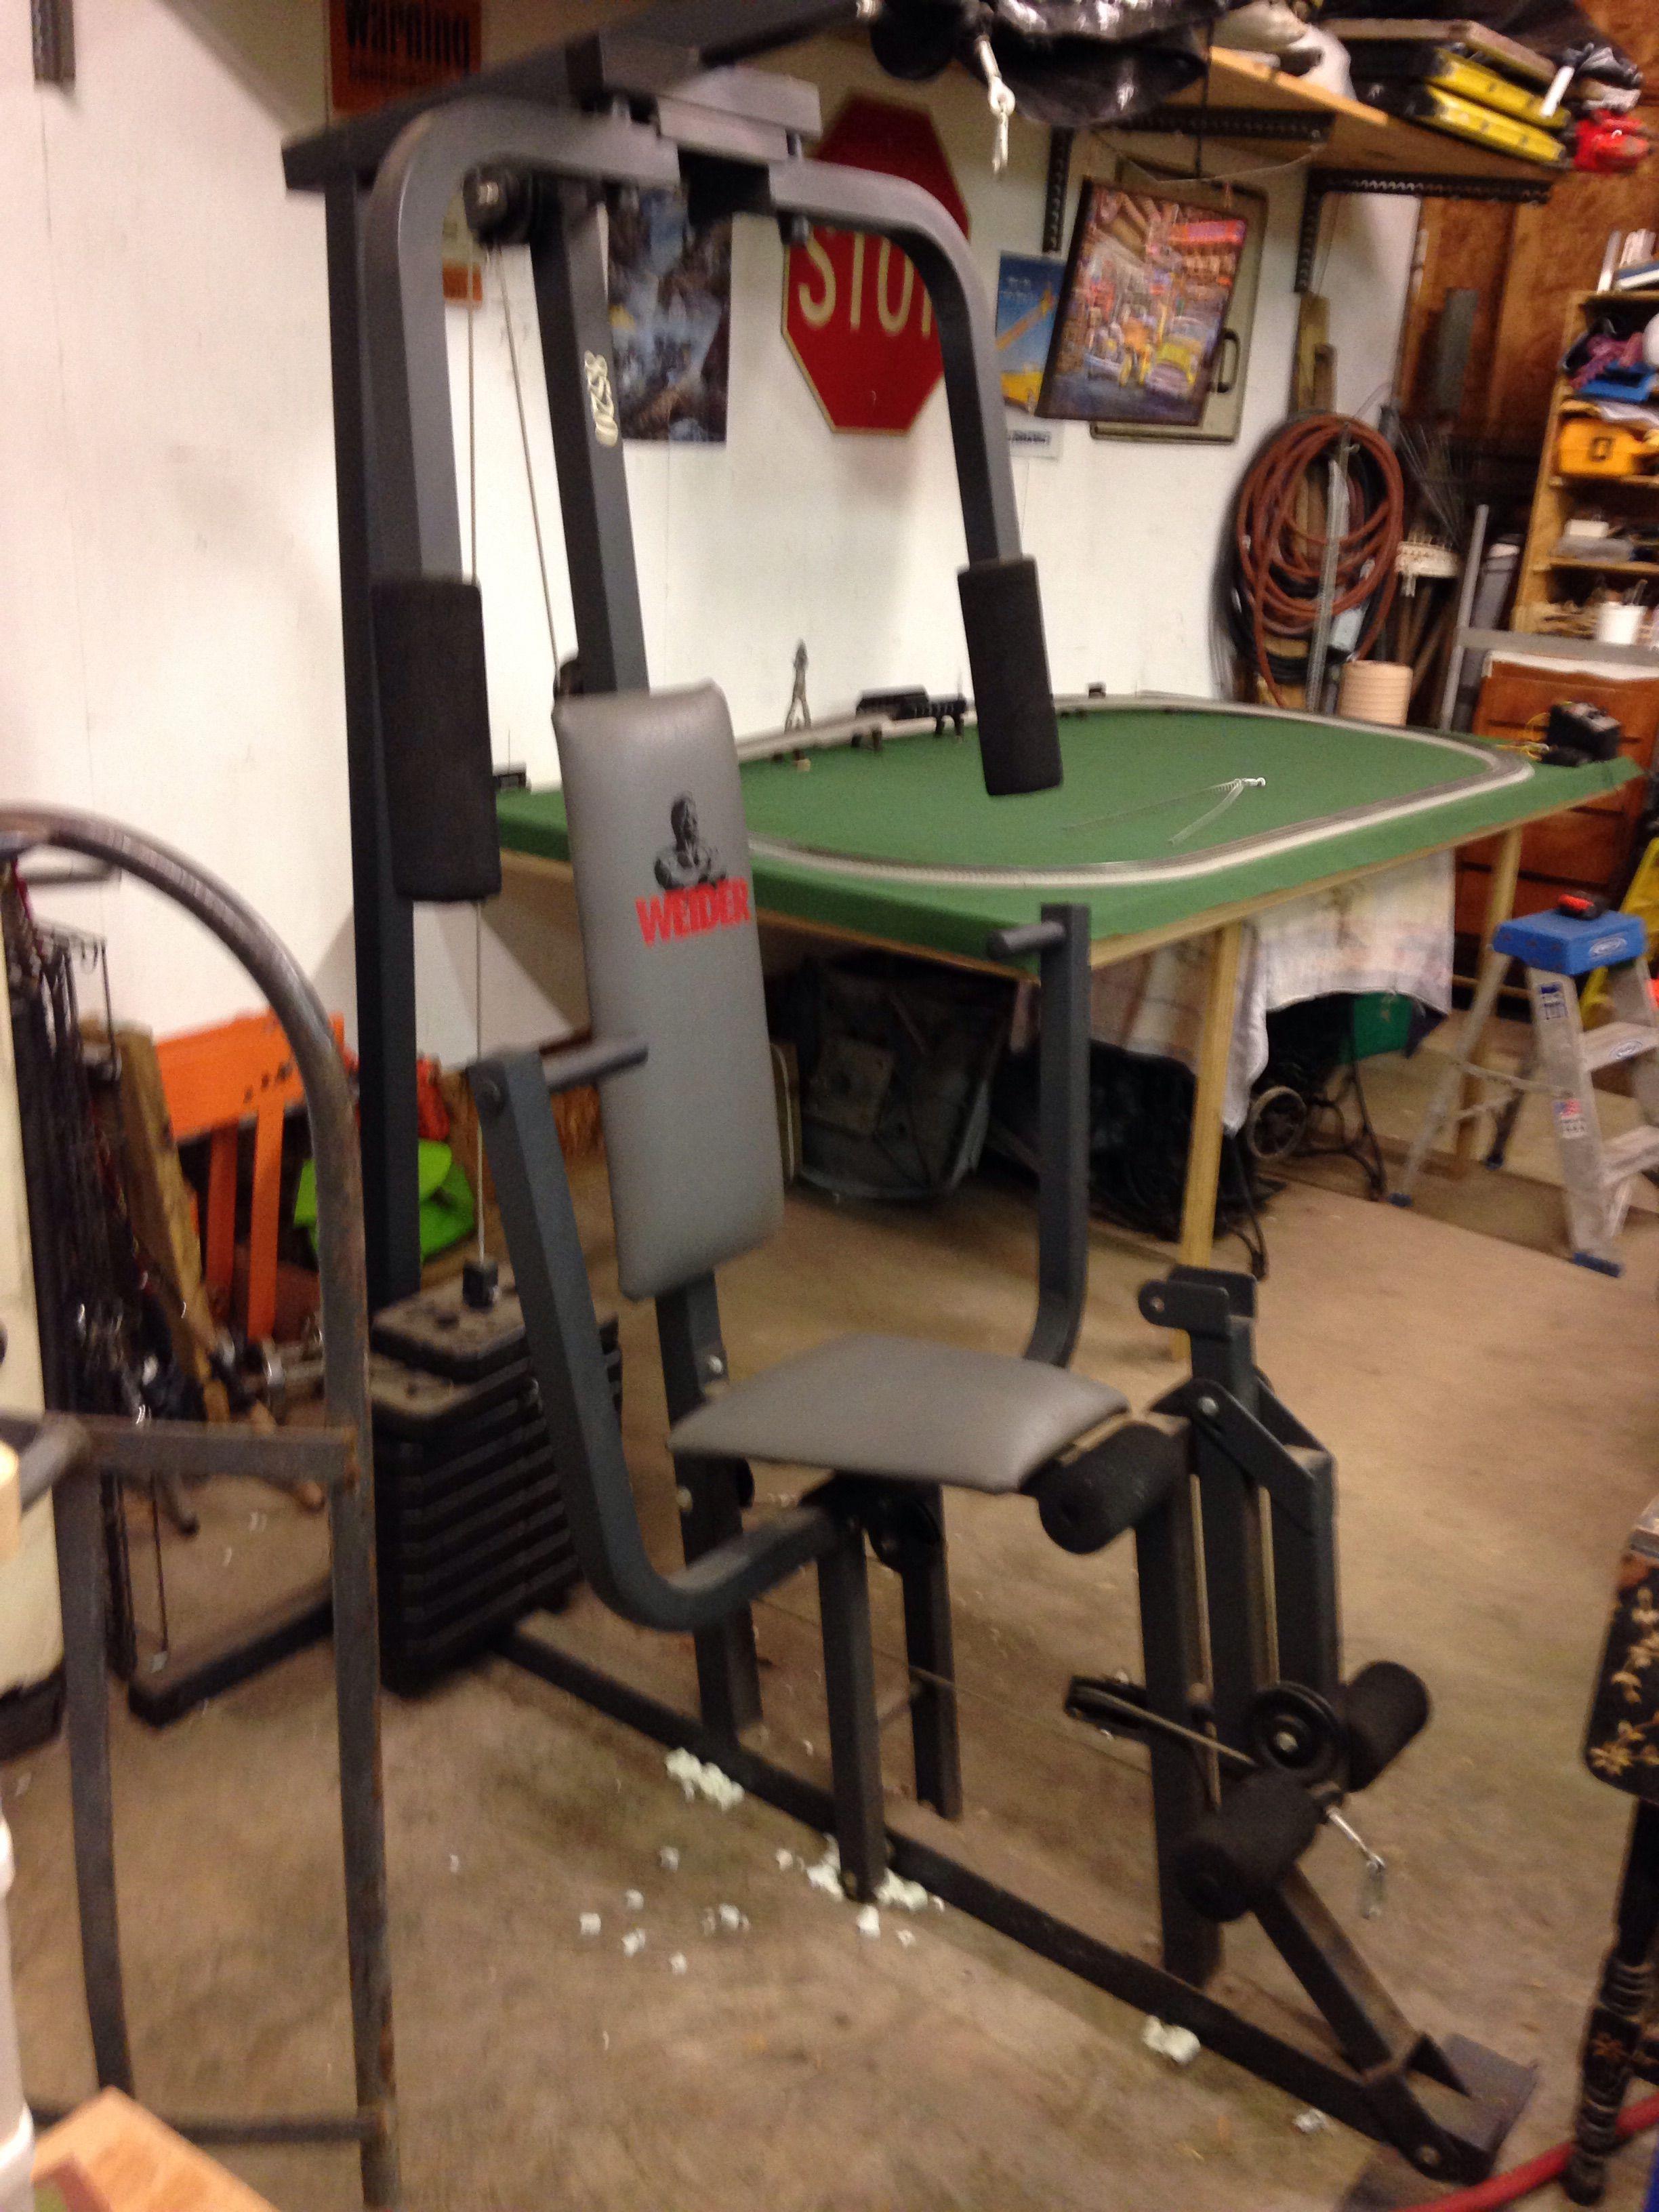 Weider home gym system in justen s garage sale